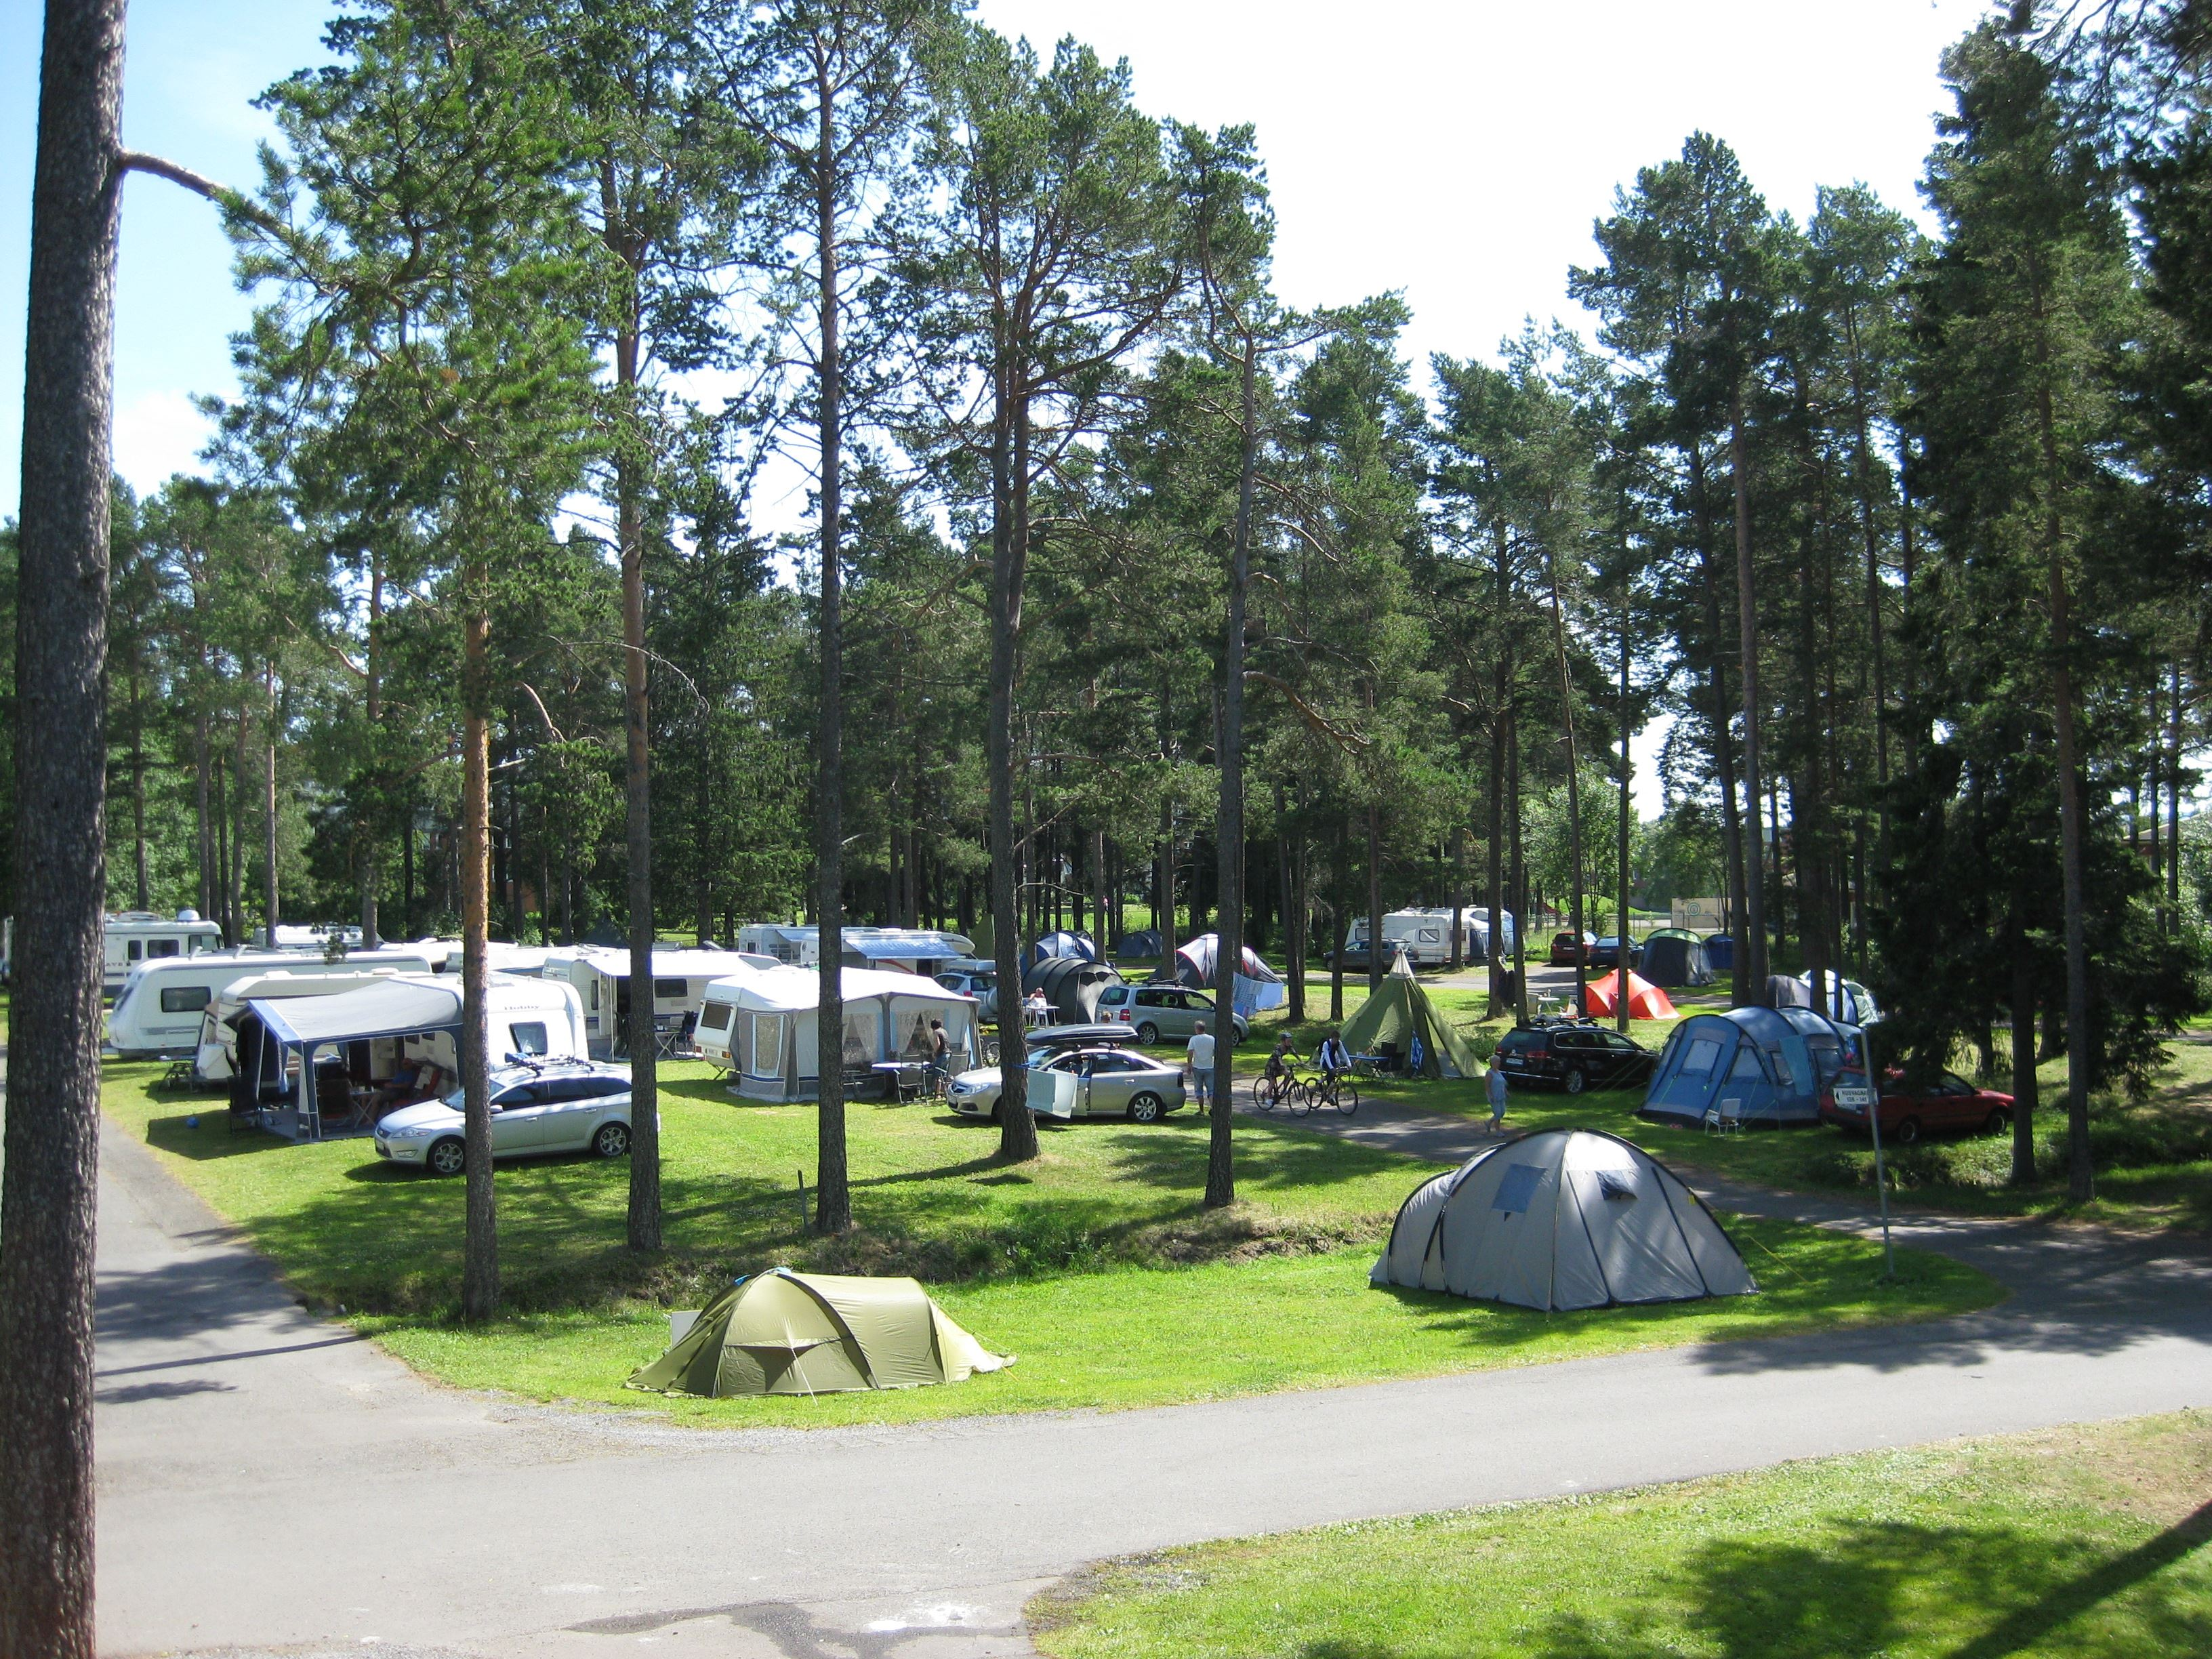 Foto: Östersunds Stugby & Camping,  © Copy: Östersunds Stugby & Camping, Östersunds Stugby & Camping ****